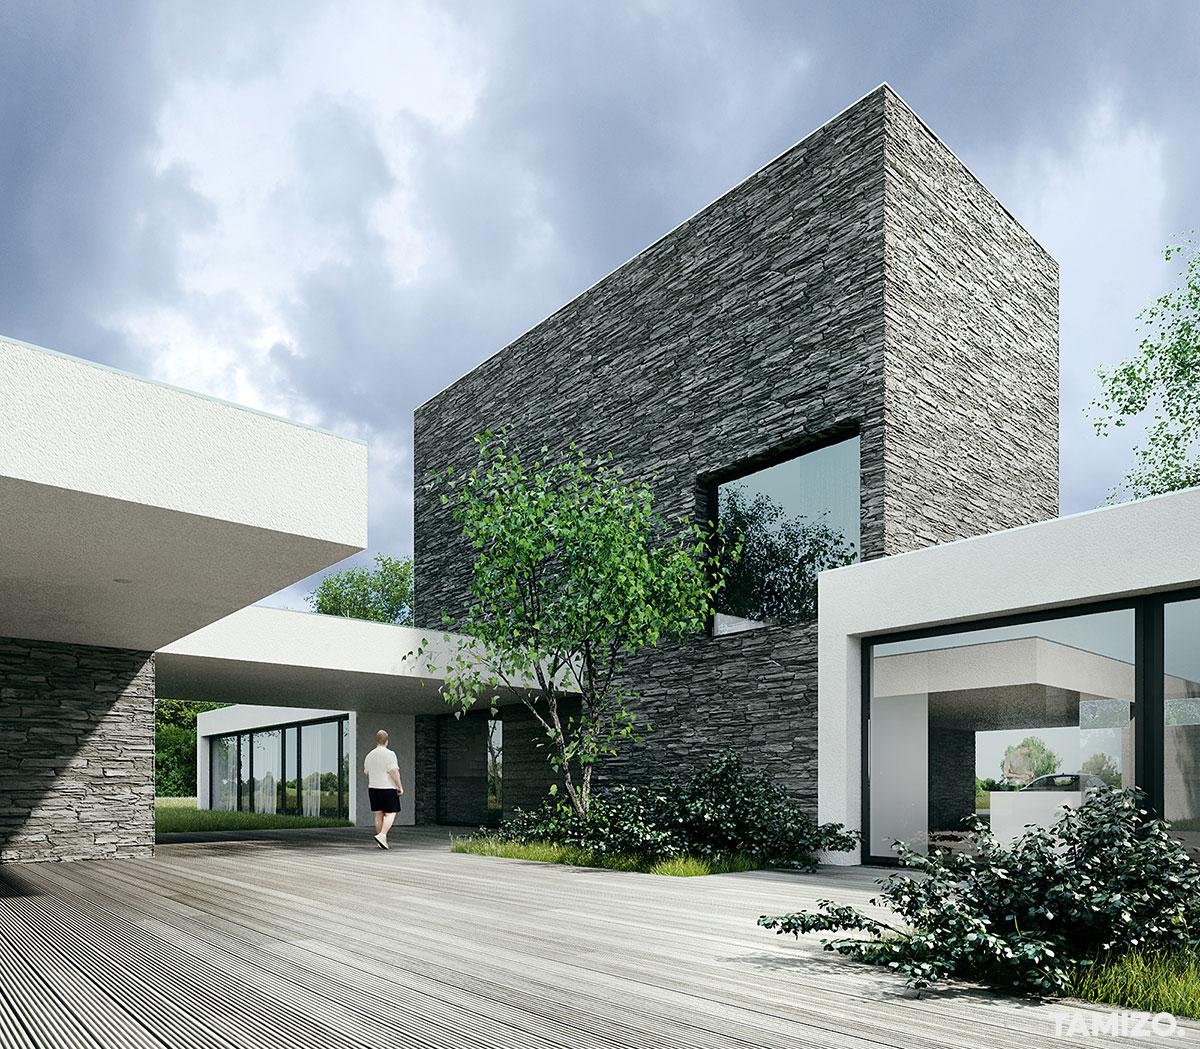 A067_architektura_tamizo_projekt_dom_wieza_rezydencja_minimal_house_design_rzeszow_12